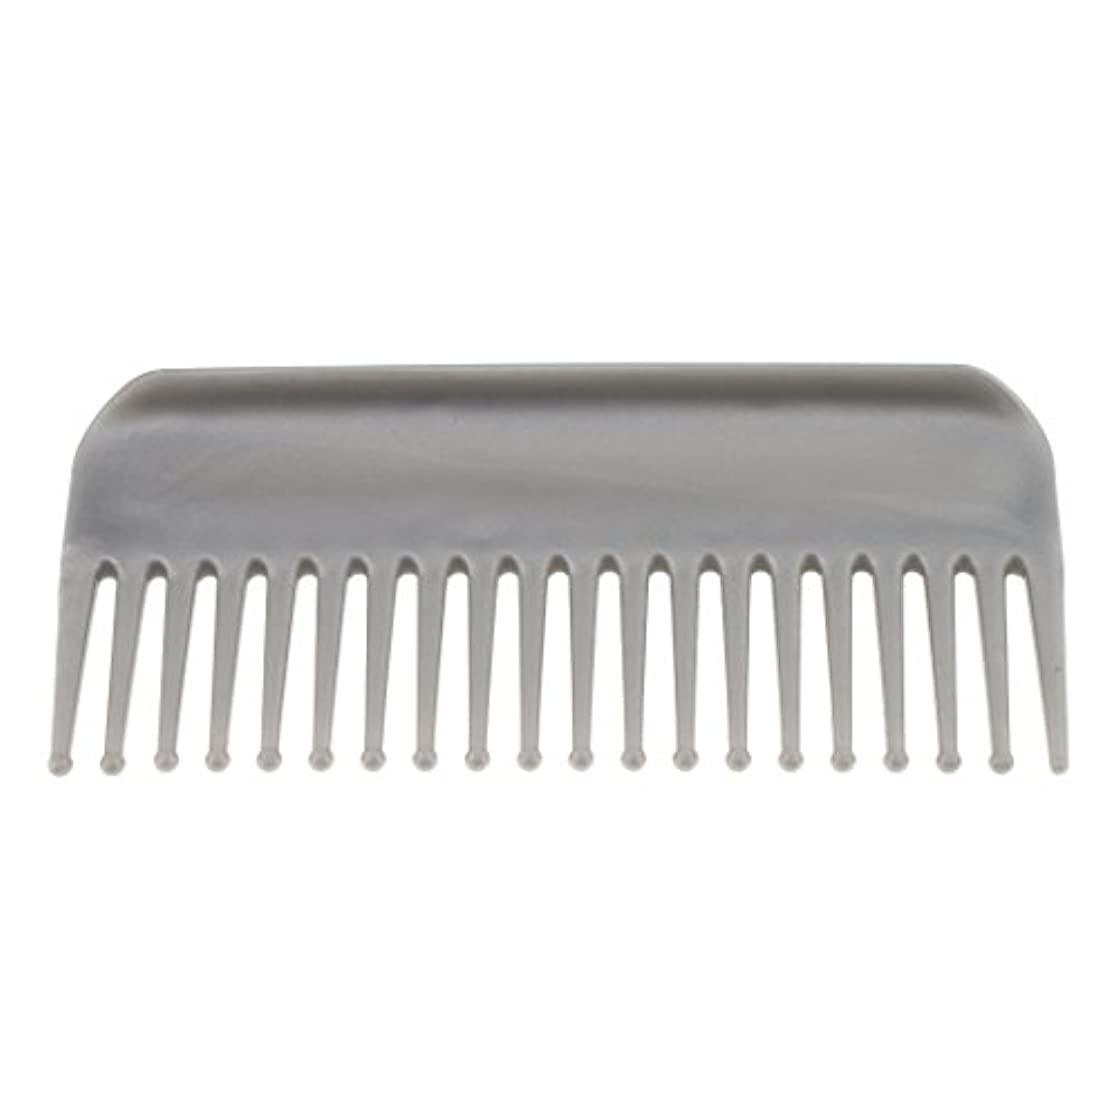 エアコンバルセロナコントラストPerfk ヘアブラシ ヘアコーム 櫛 くし 頭皮 マッサージ 耐熱性 帯電防止 高品質